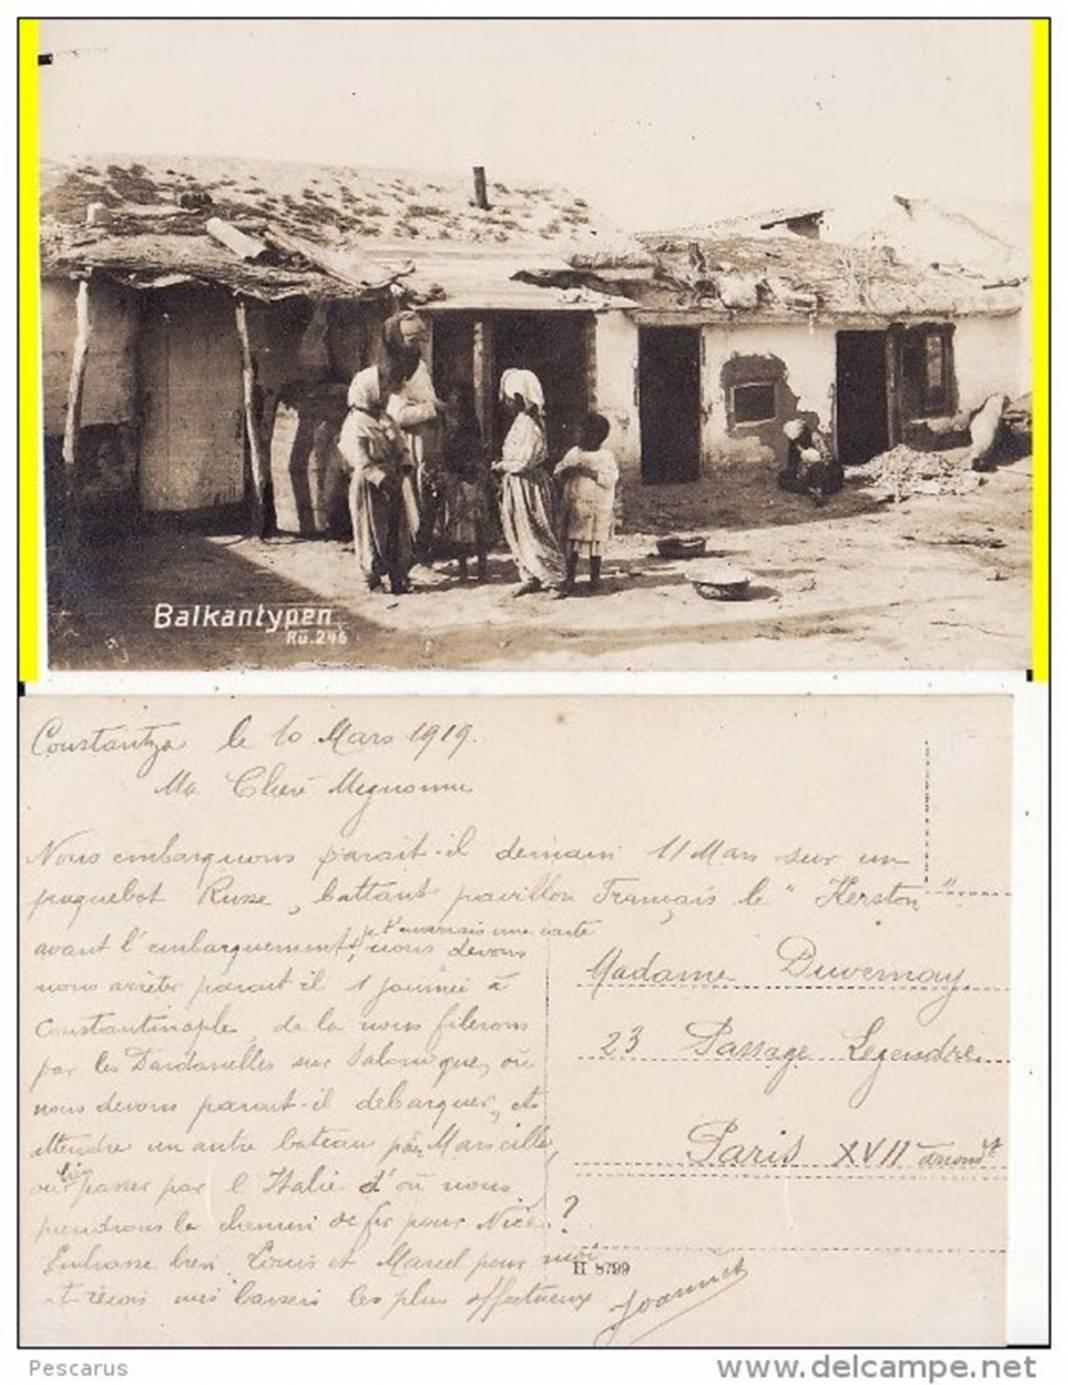 İşte Dobruca'da yaşayan Türklerin tarihine ışık tutacak kareler 24